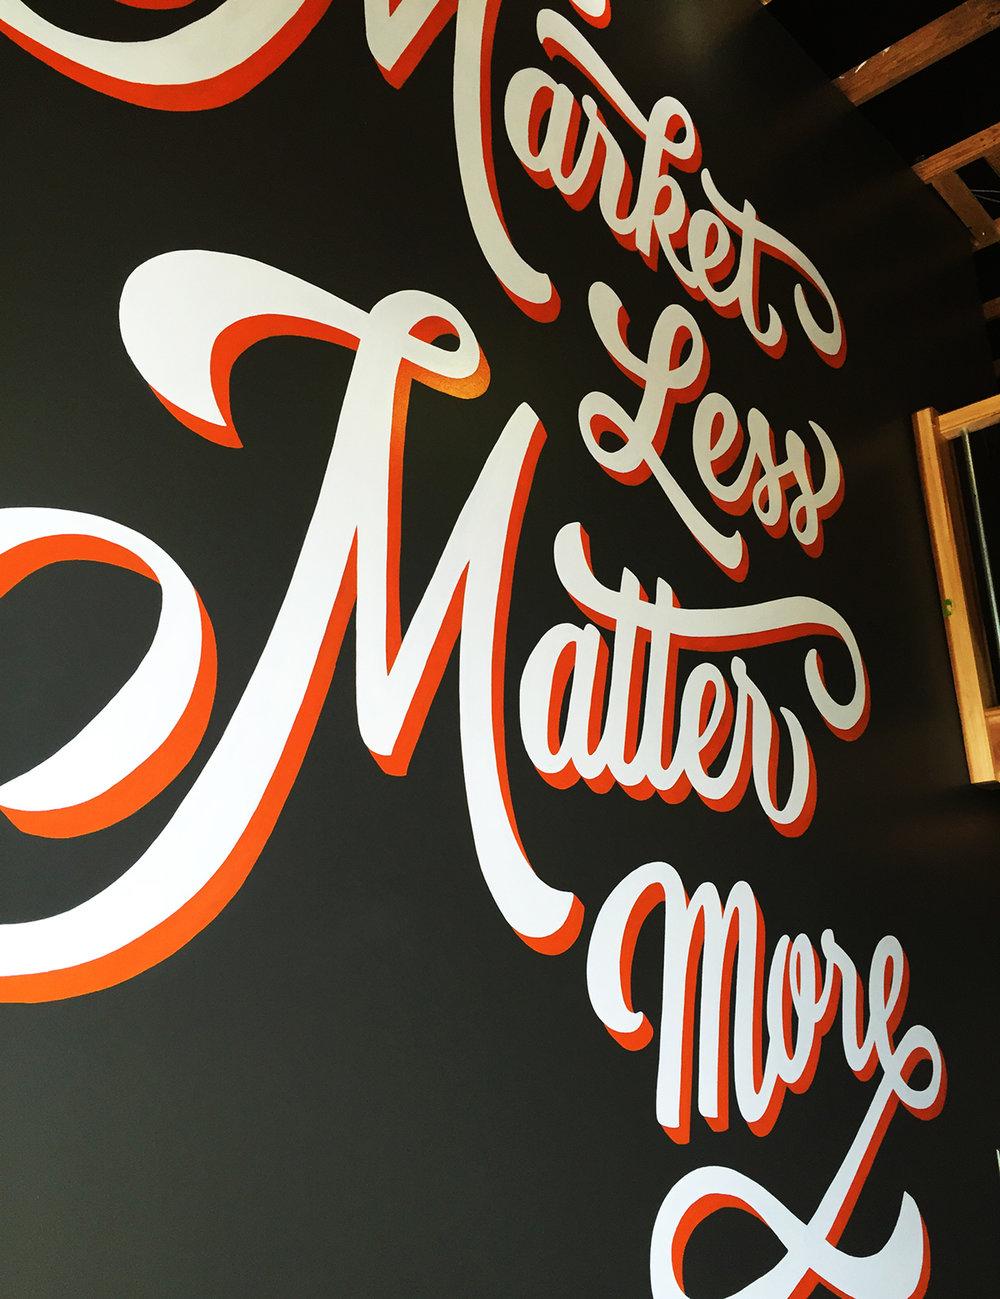 Leo-Gomez-Studio-Market-Less-Matter-More-Mural-01.jpg